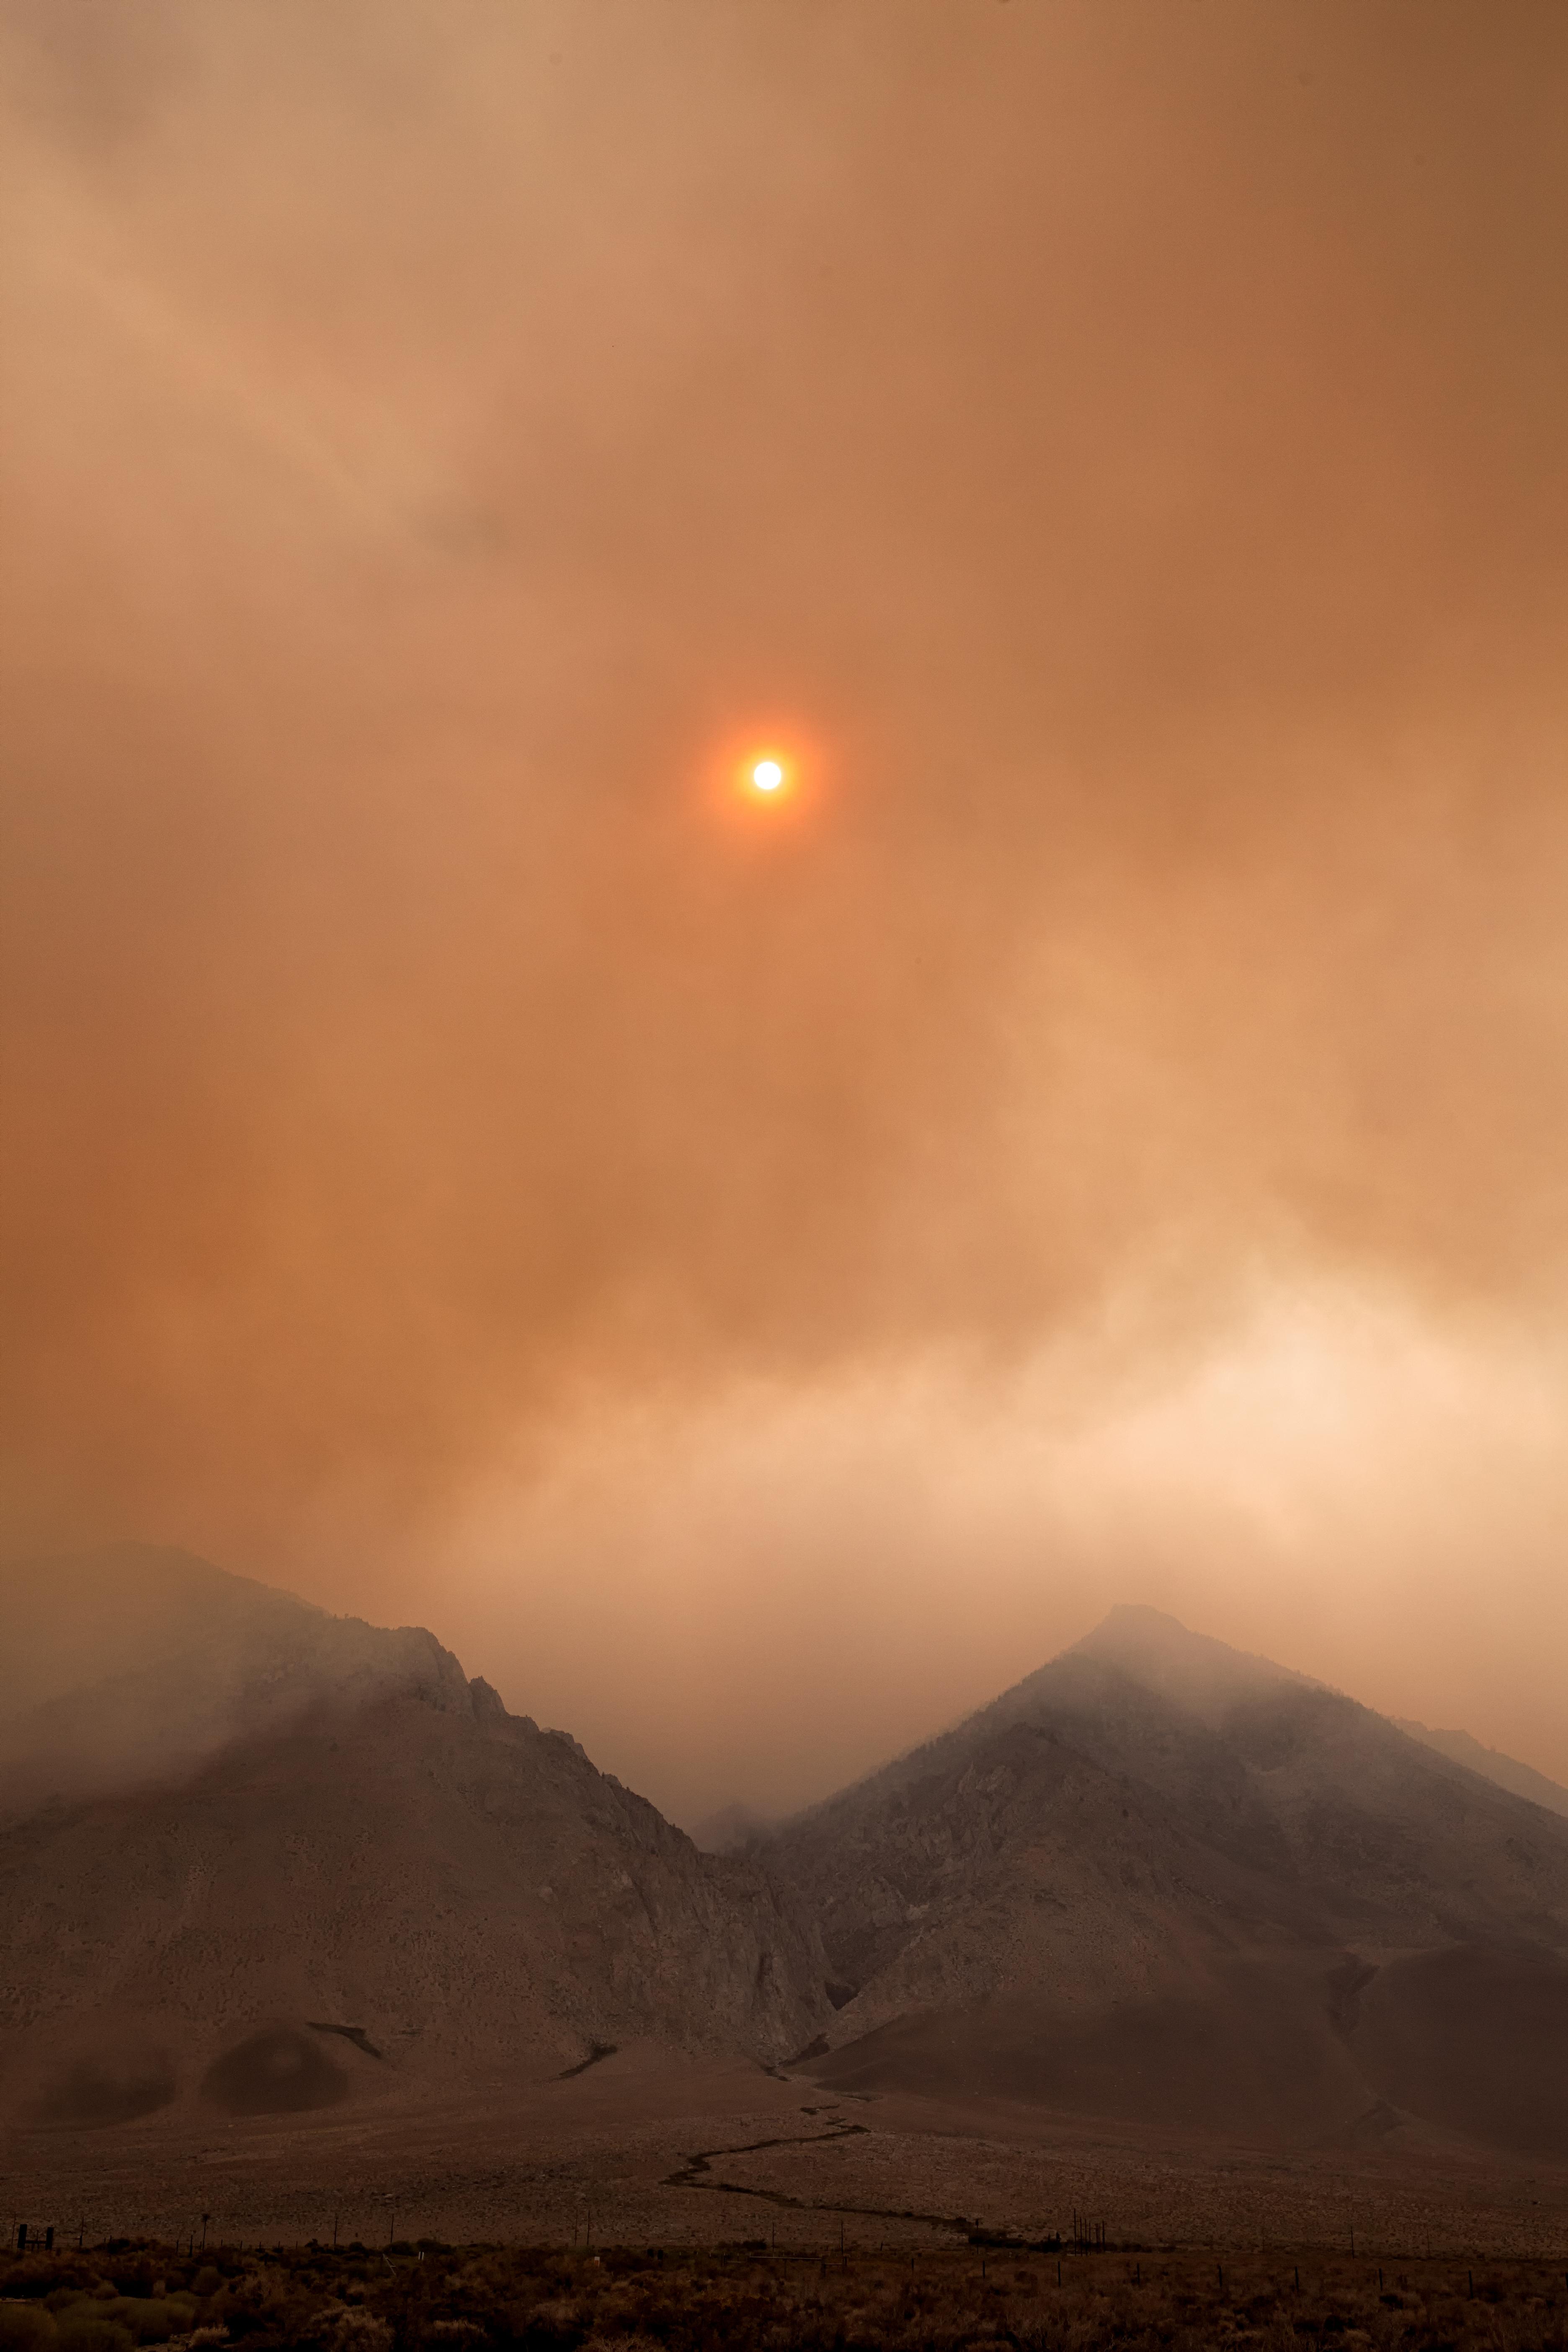 146767 скачать обои Природа, Туман, Облака, Мгла, Горы - заставки и картинки бесплатно